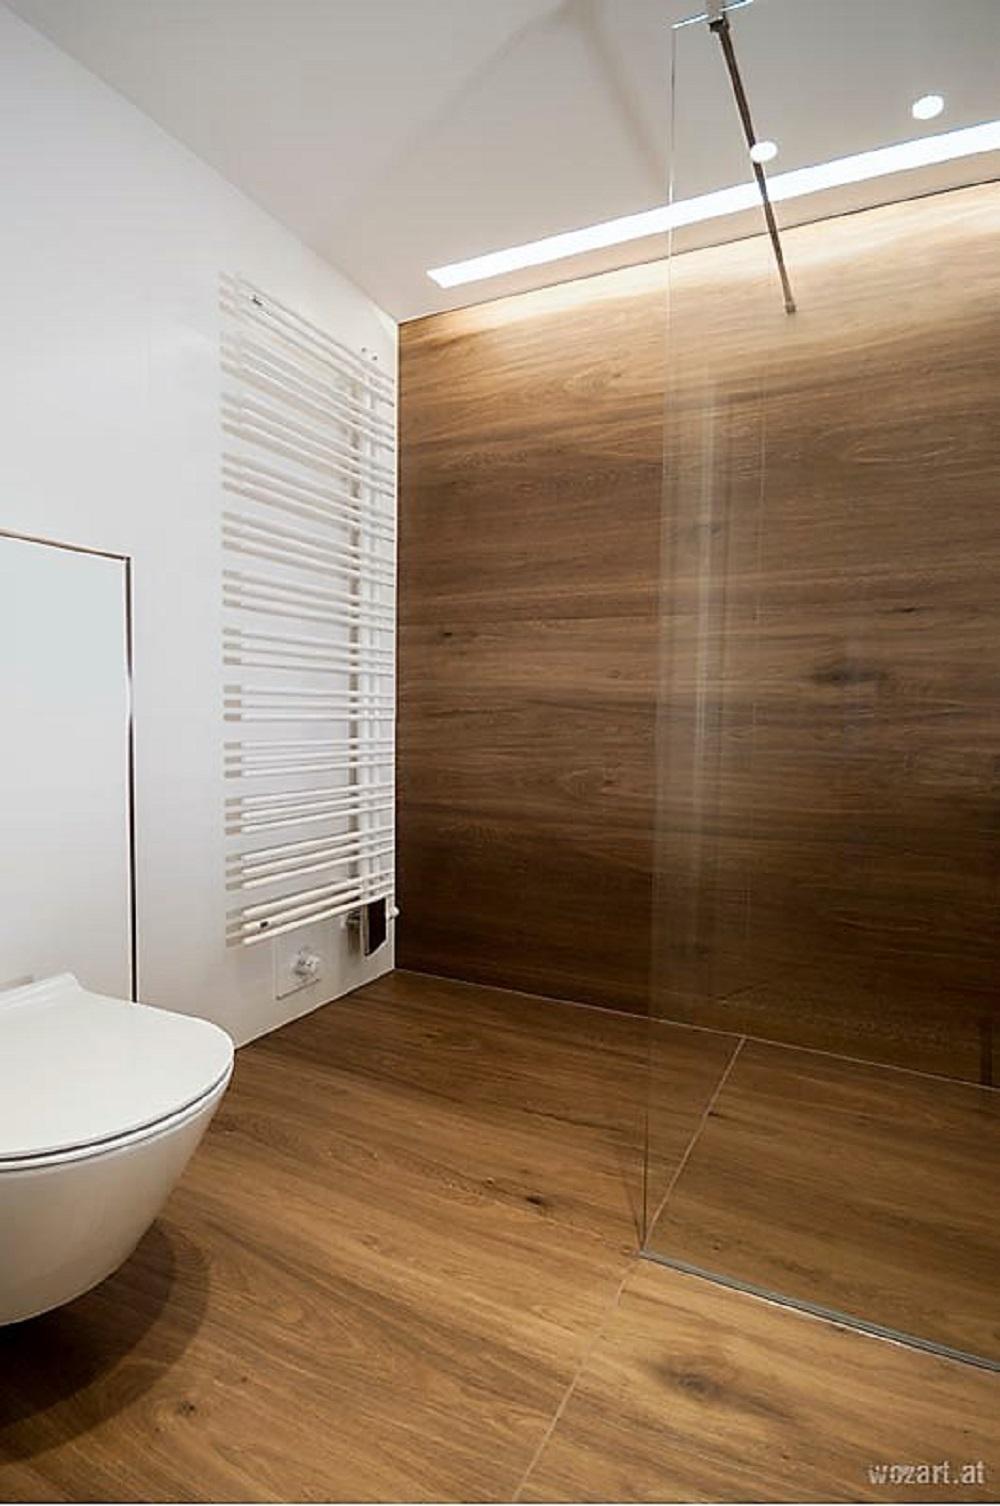 gro formatfliesen und fliesenlegerarbeiten vom meister aus salzburg. Black Bedroom Furniture Sets. Home Design Ideas